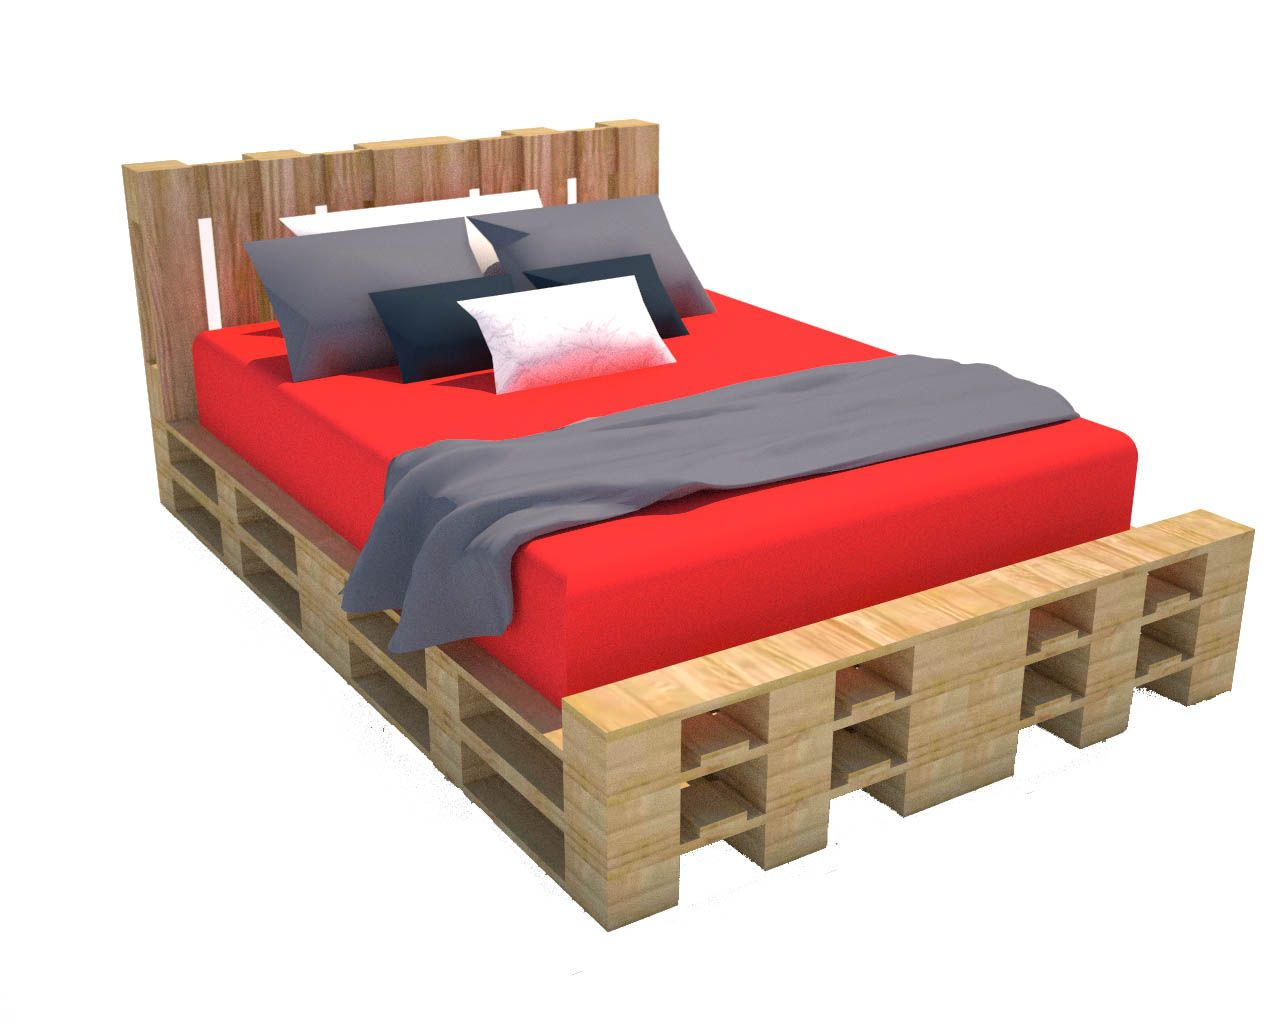 Realizzare Mobili Con Pallet : Come costruire un letto con pallet riciclati progetto totalmente